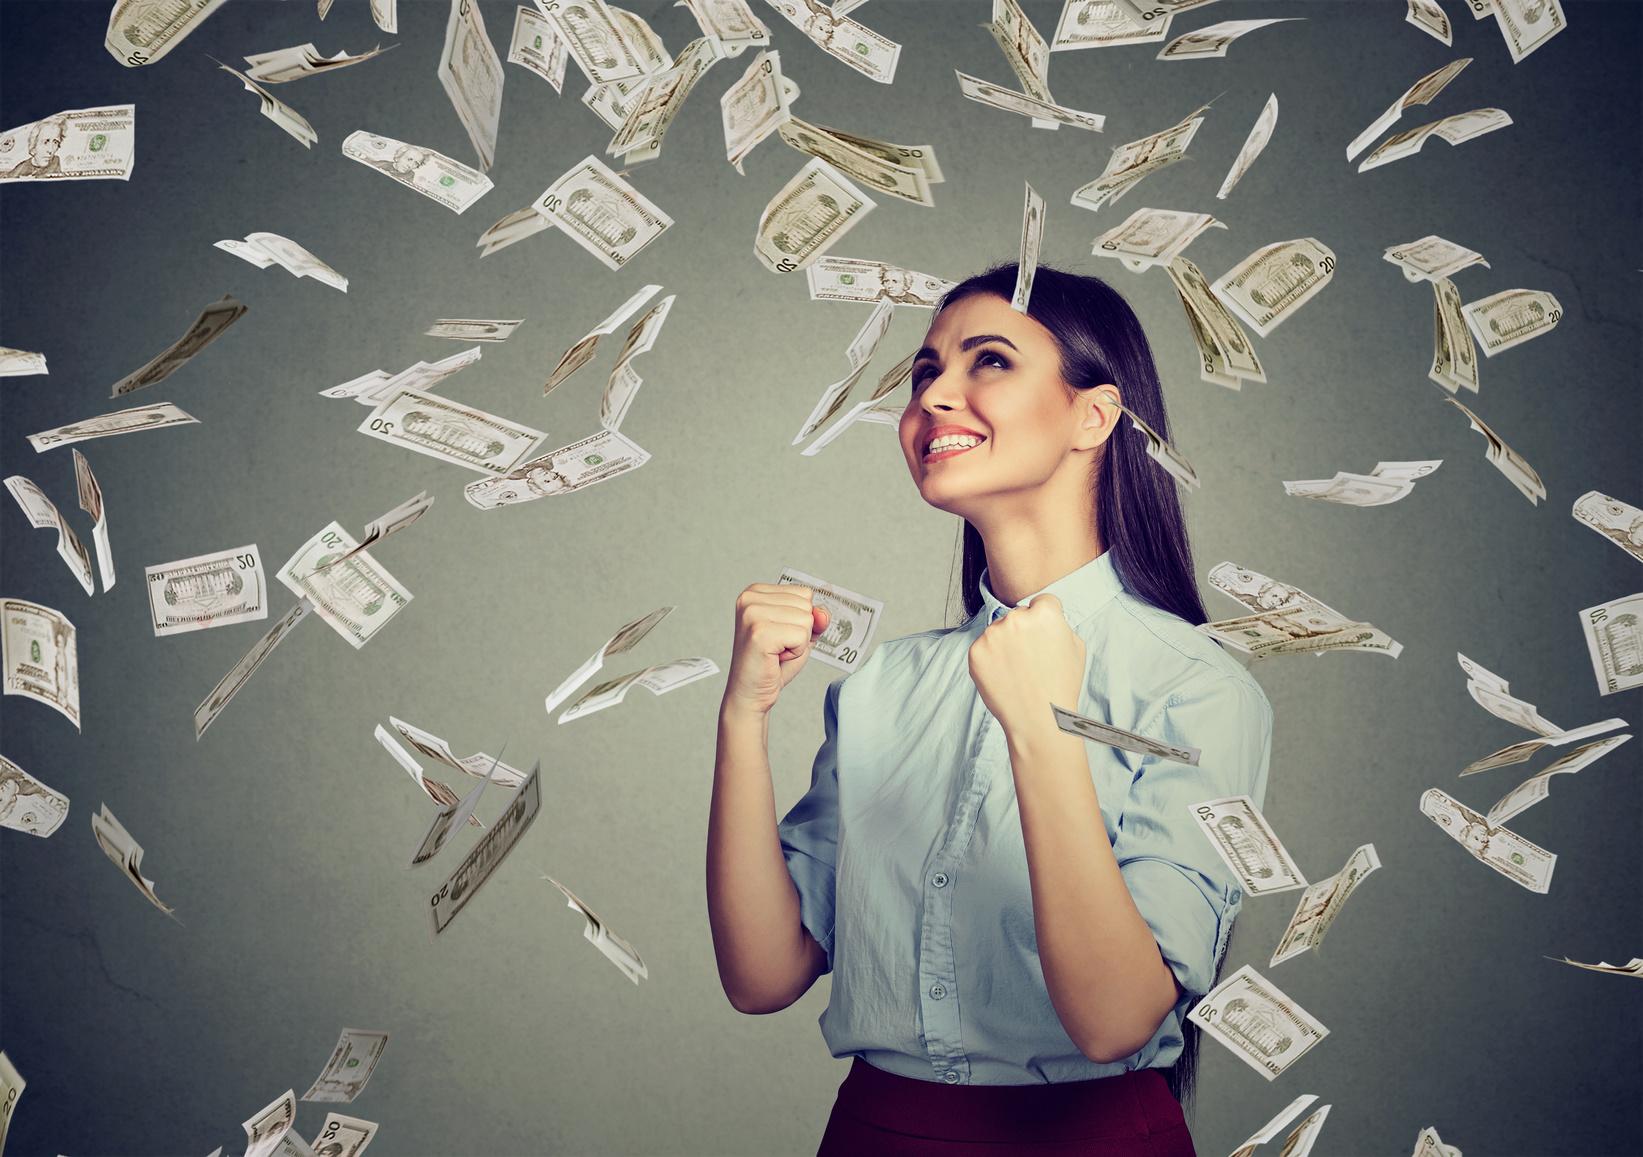 Lottogewinn, Geschenke Wie viel dürfen Hartz-IV-Bezieher behalten